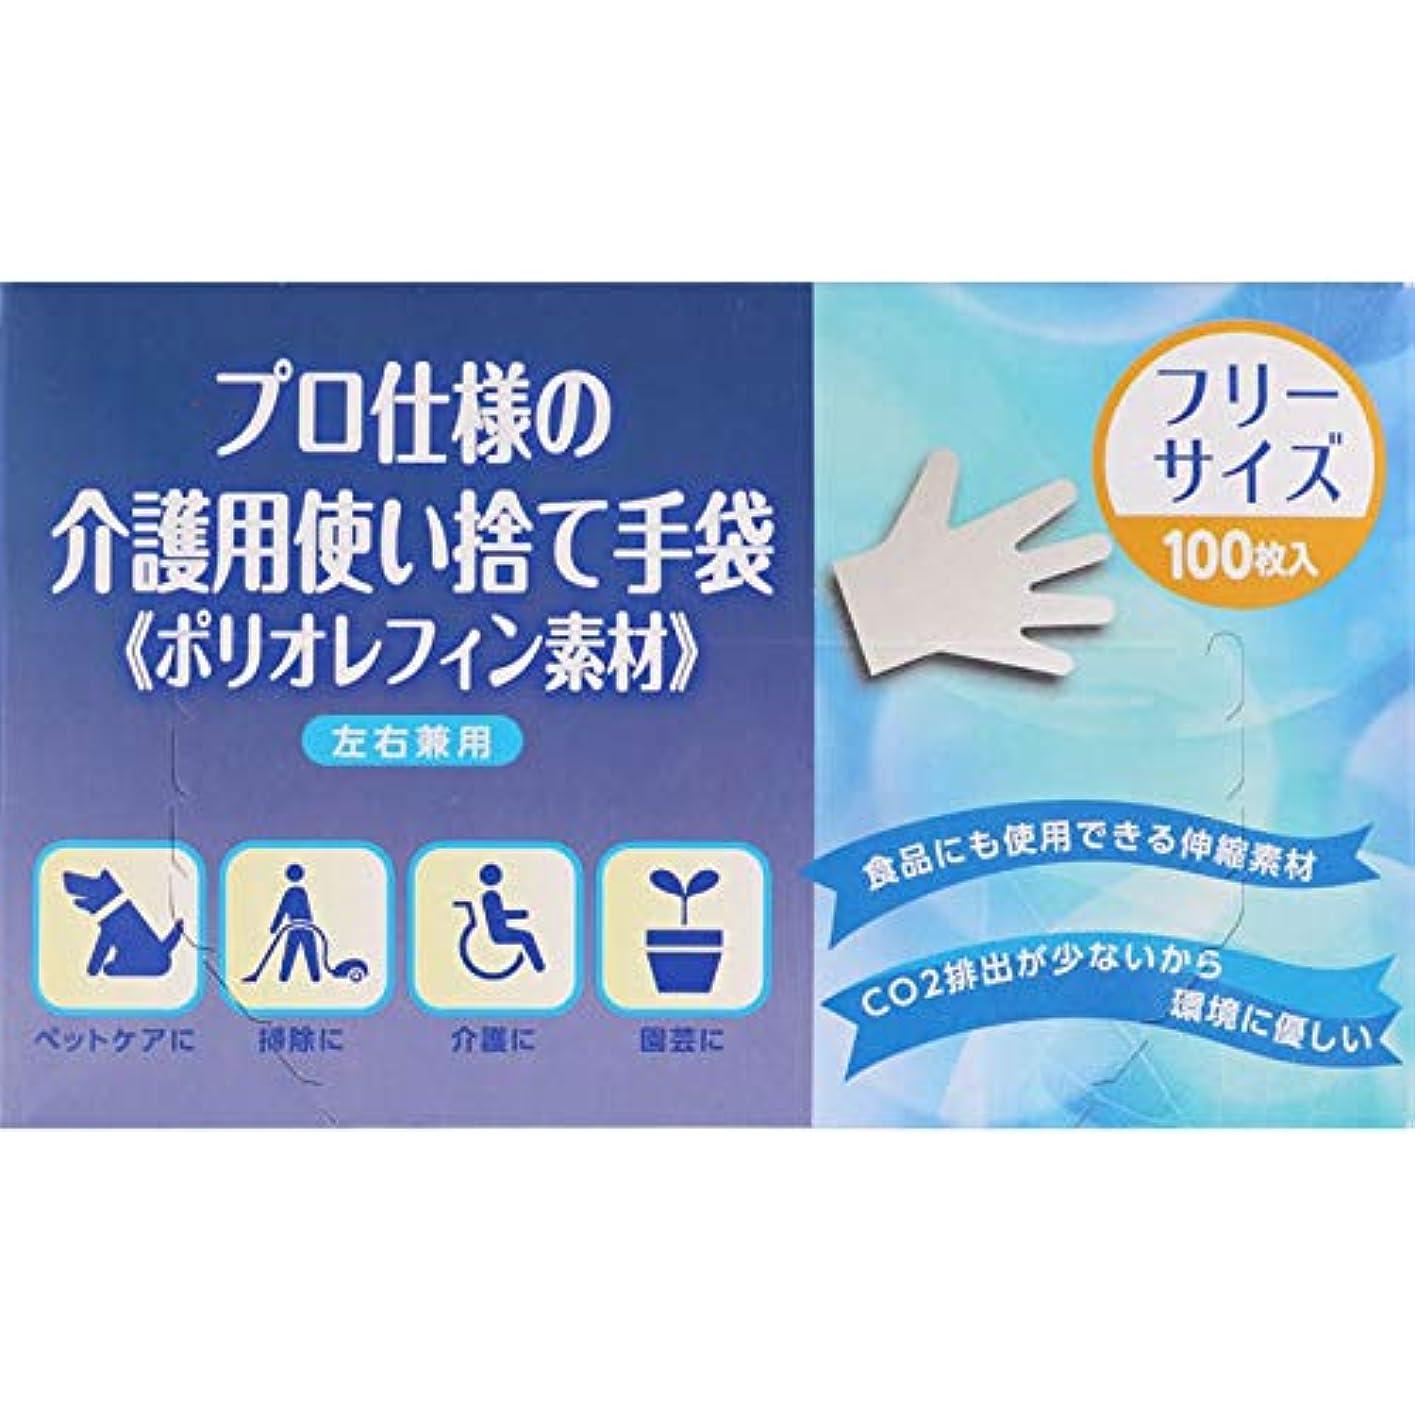 究極の展示会物理的に【10個セット】プロ仕様の介護用使い捨て手袋《ポリオレフィン素材》 100枚